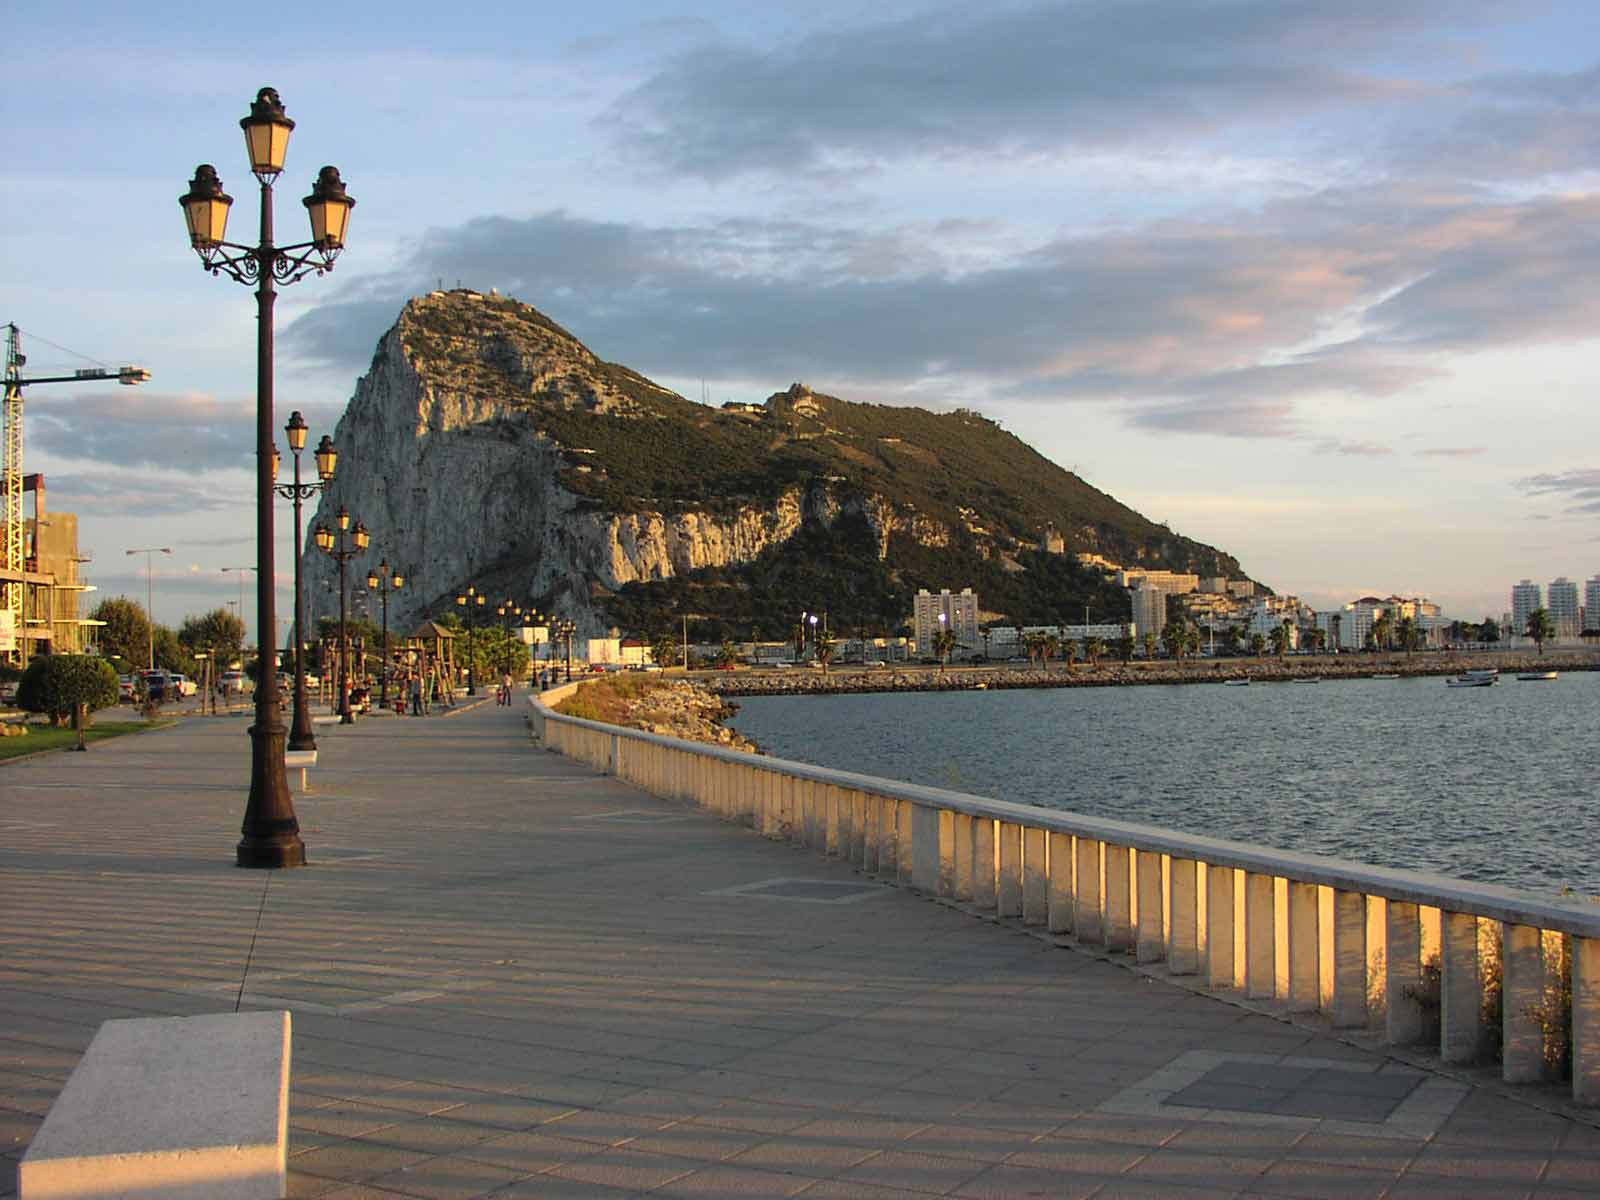 detodounpoco.achl - Página 39 Gibraltar-o-el-penon-de-gibraltar-2-120